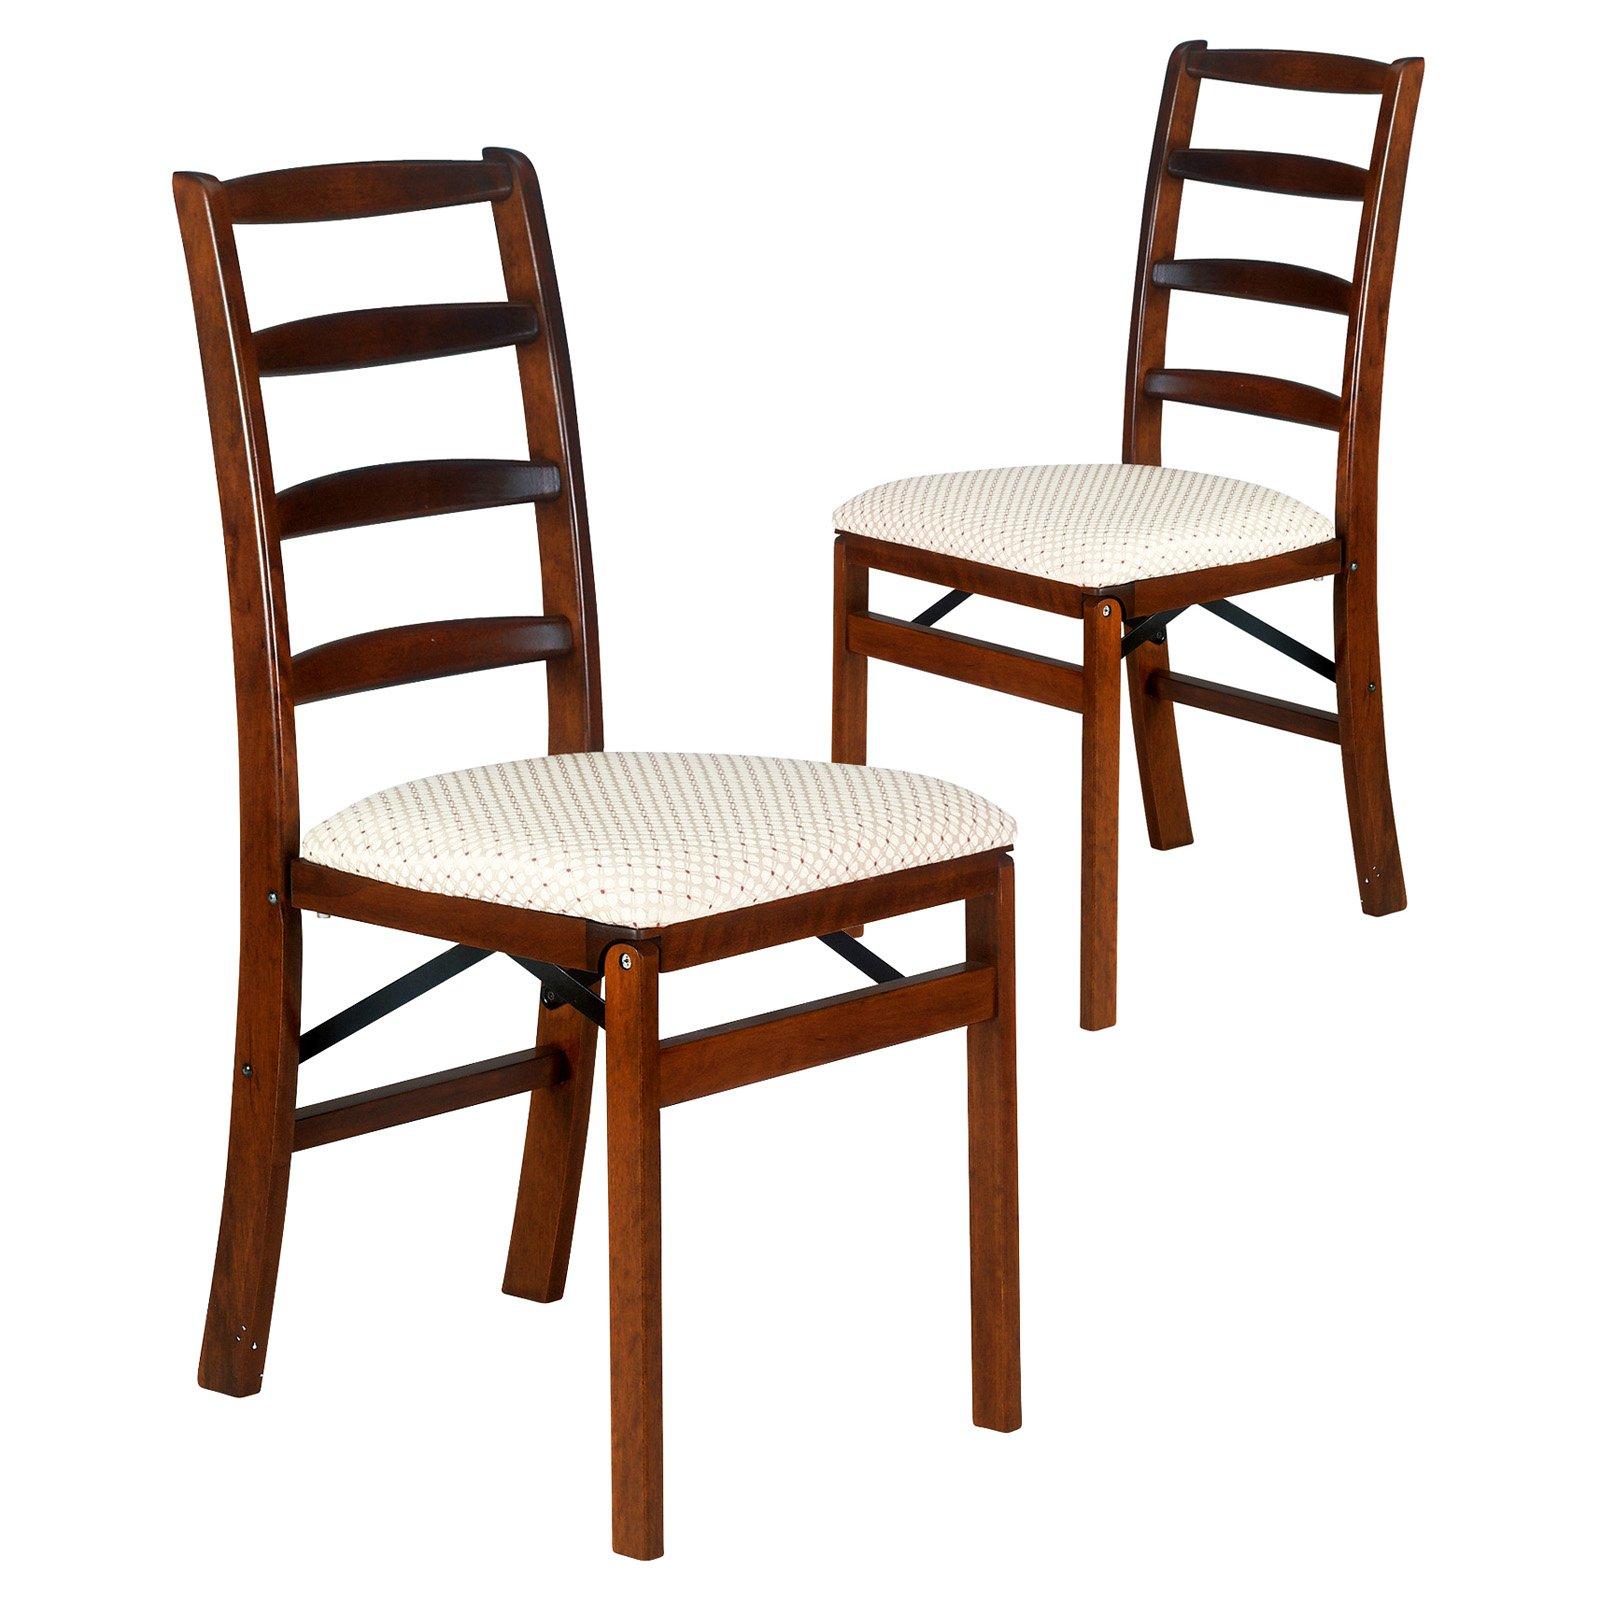 Shaker Ladder Back Hardwood folding chair - Light Cherry